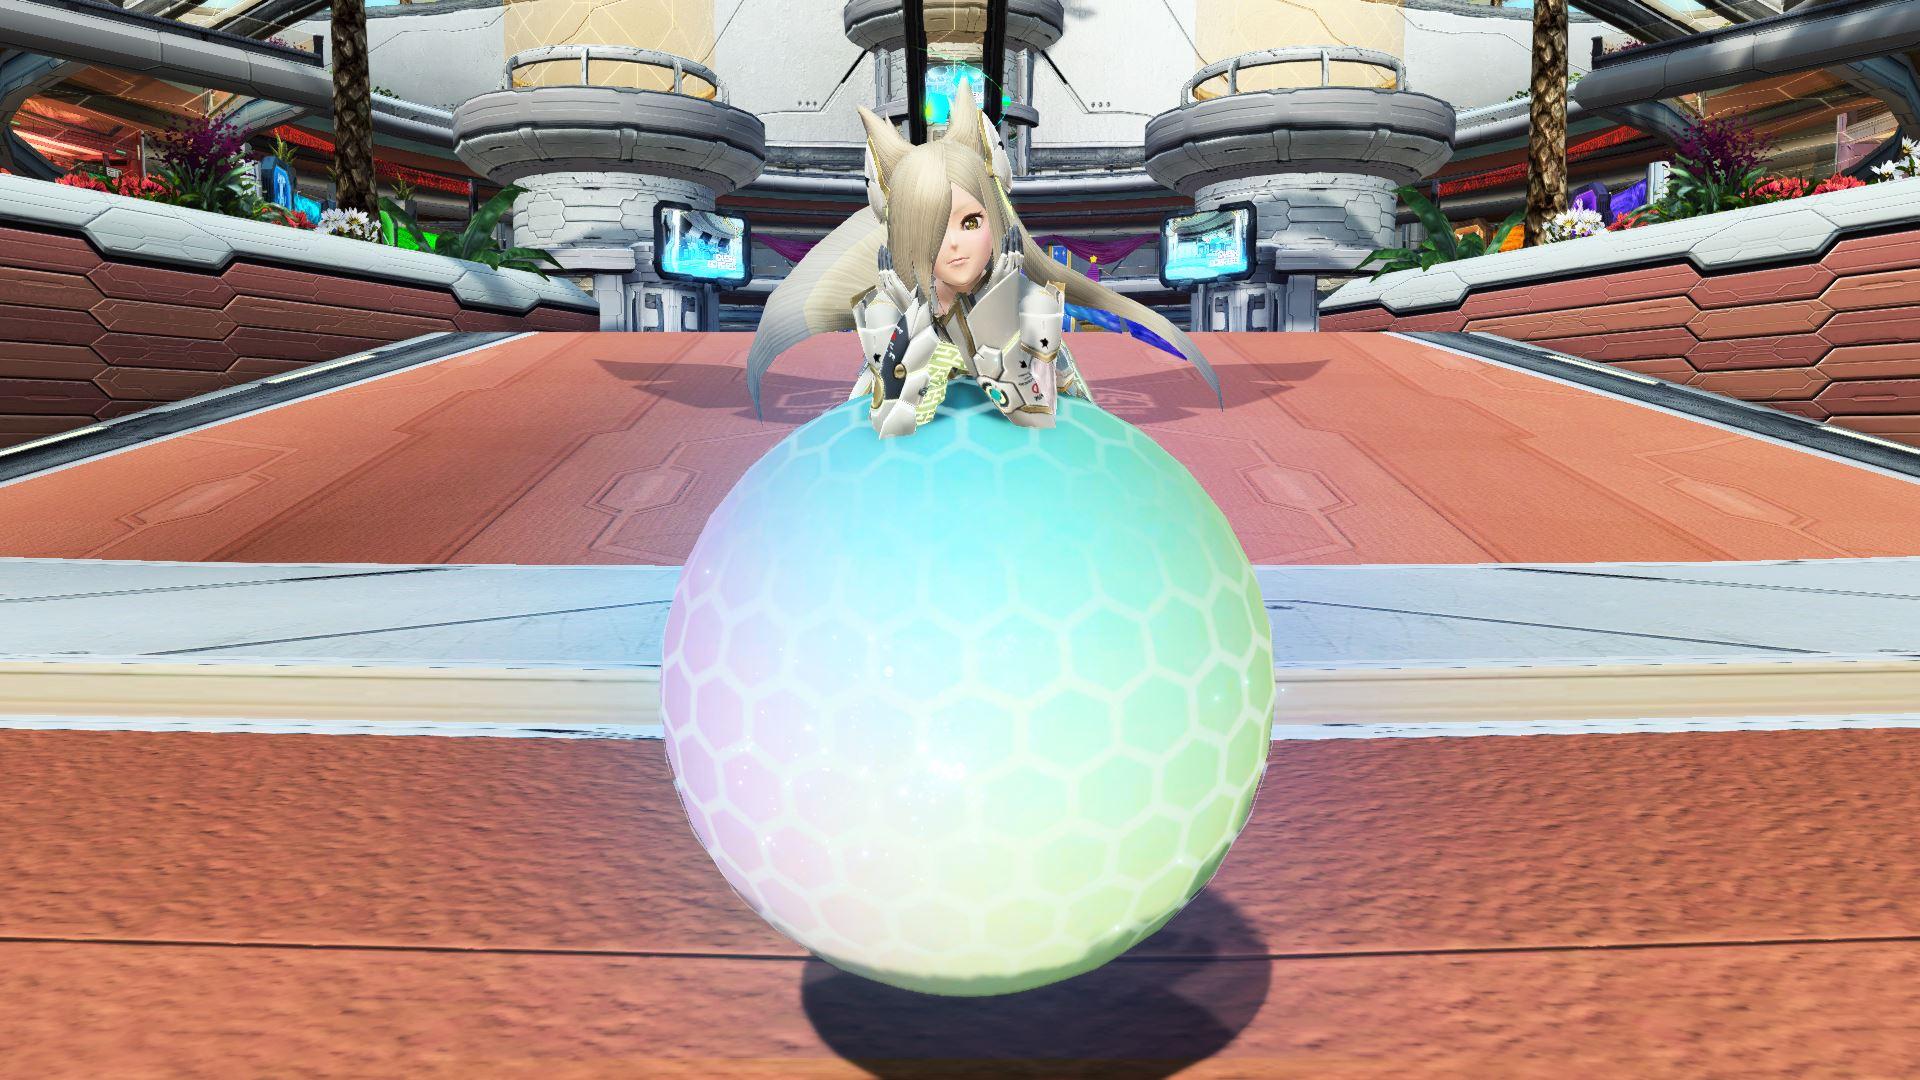 「アルマ」の特徴的な移動を再現したロビアク。男女でボールの乗り方が変わる